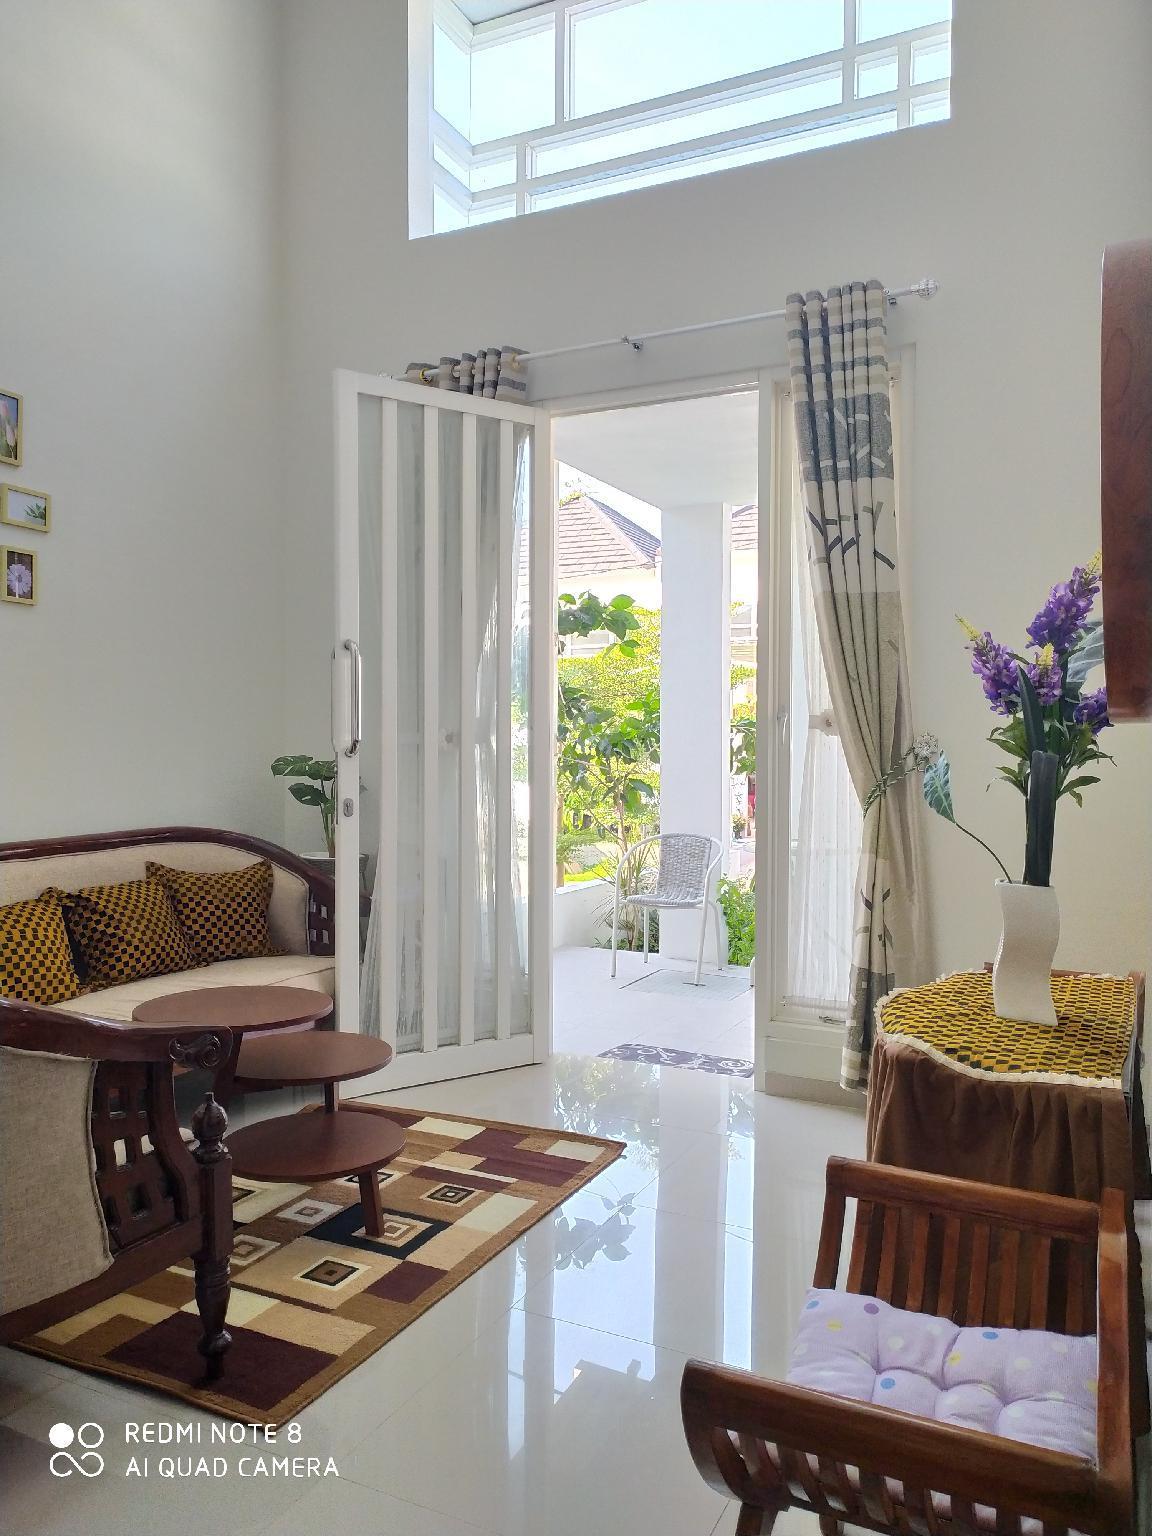 Alysahouse - 2 Bedrooms, Malang